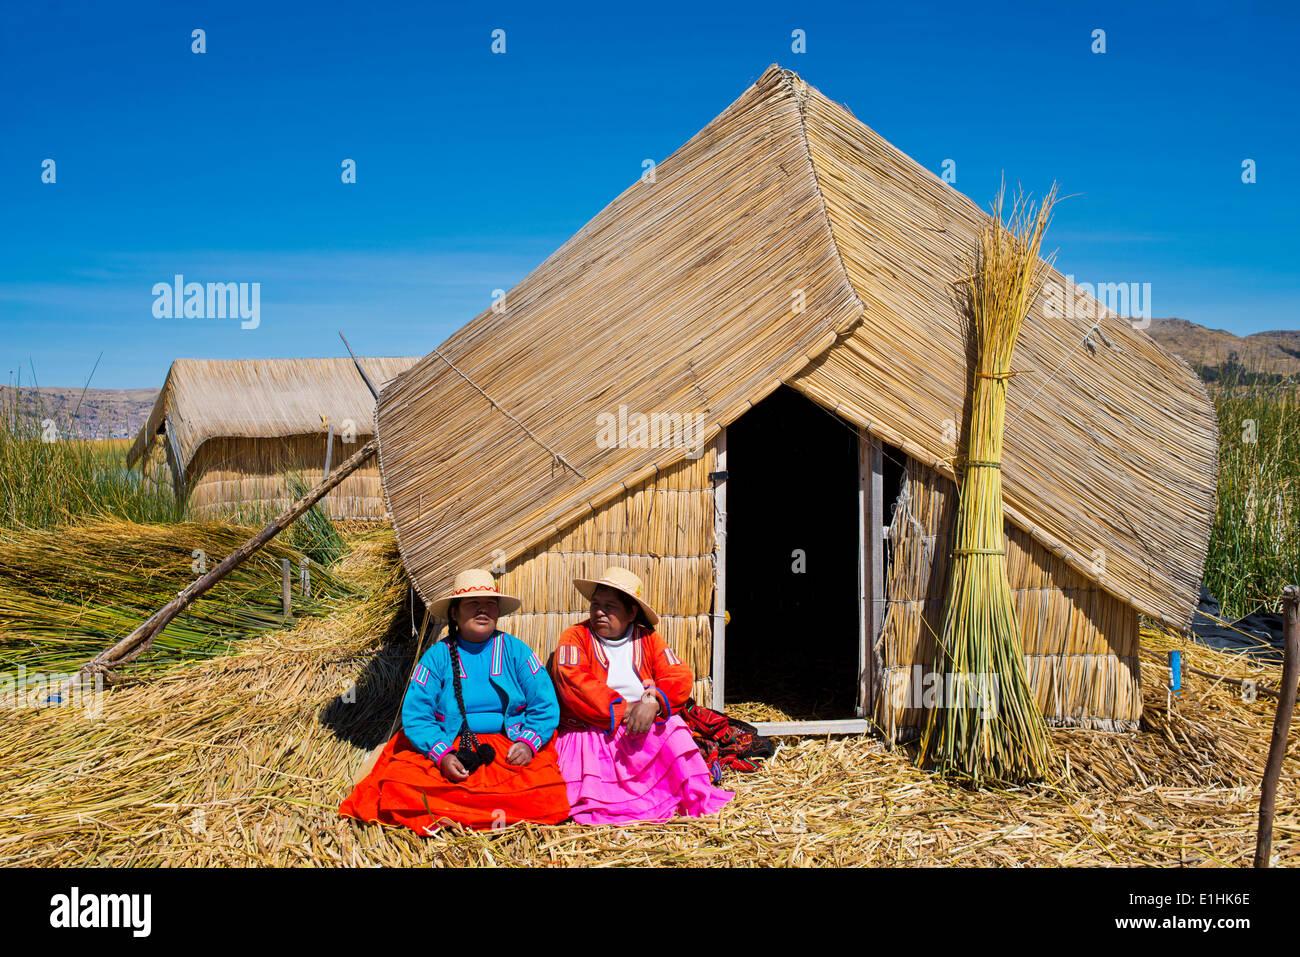 Deux femmes de l'Uro portant des vêtements traditionnels indiens assis en face d'une hutte de roseaux, îles flottantes Banque D'Images